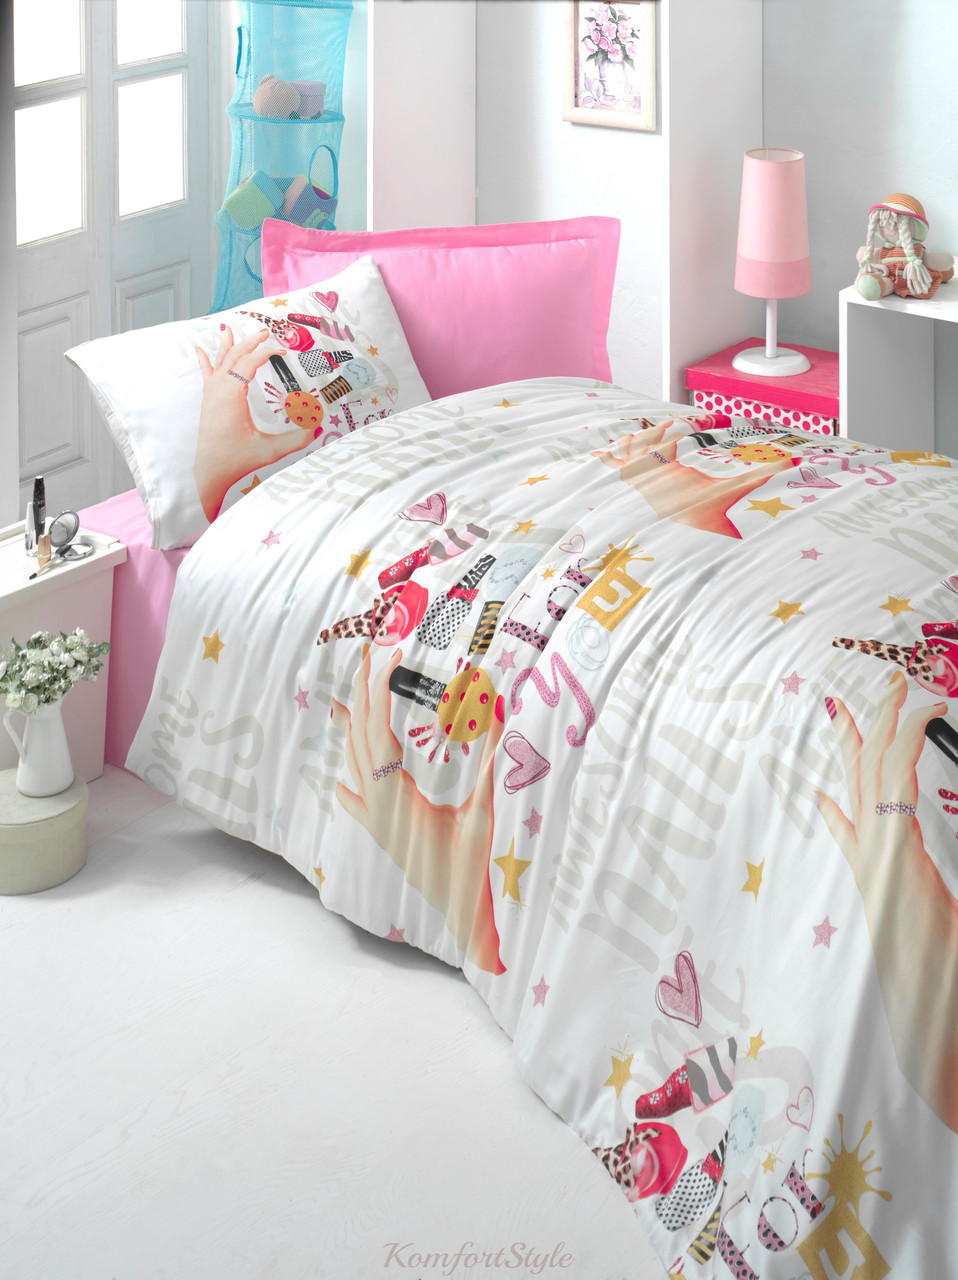 Комплект постельного белья LIGHTHOUSE  ranforce BEAUTIFULLY 160*220/2*50*70*